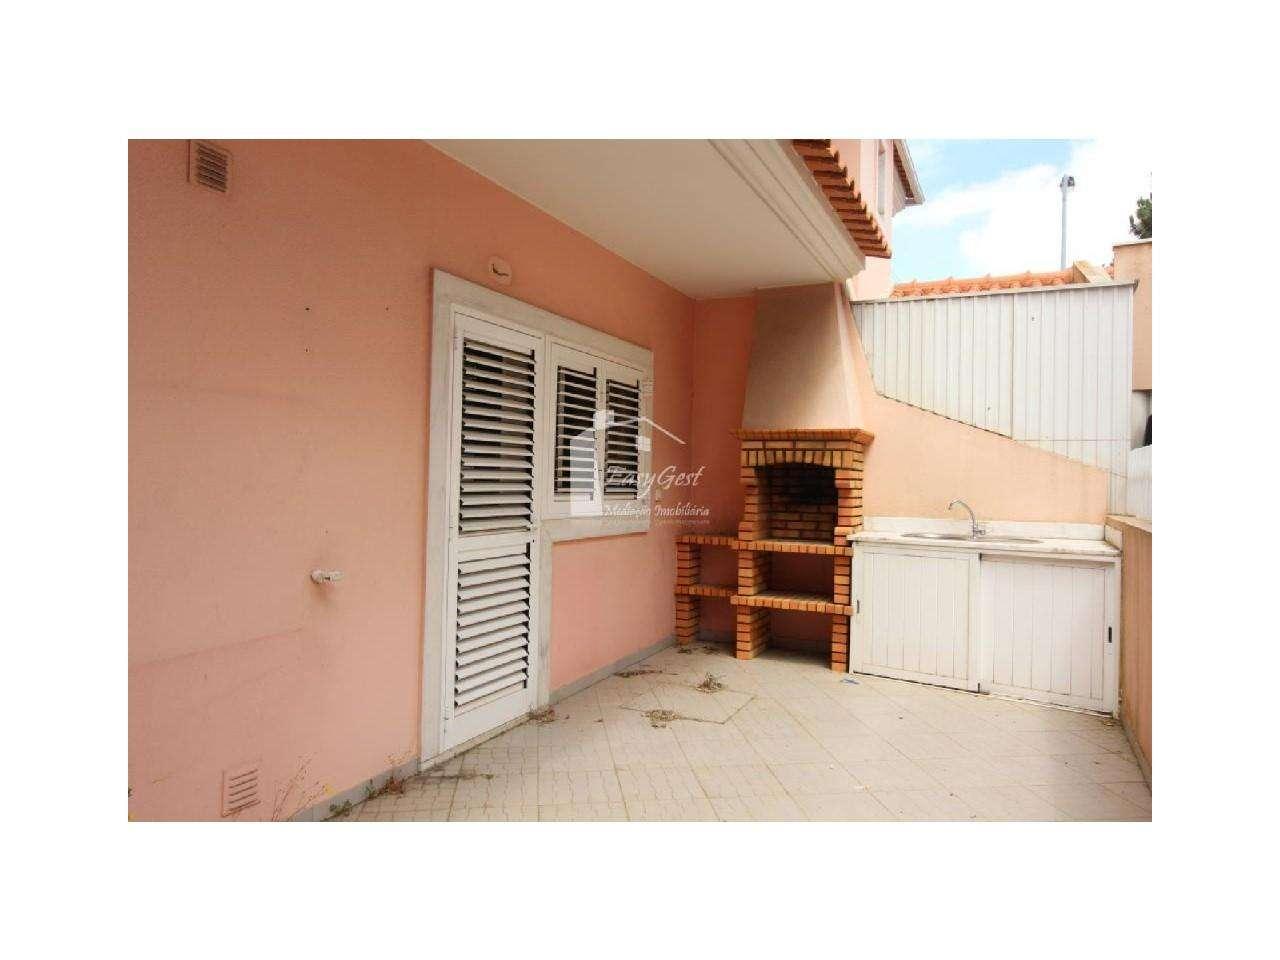 Apartamento para comprar, Fernão Ferro, Setúbal - Foto 19